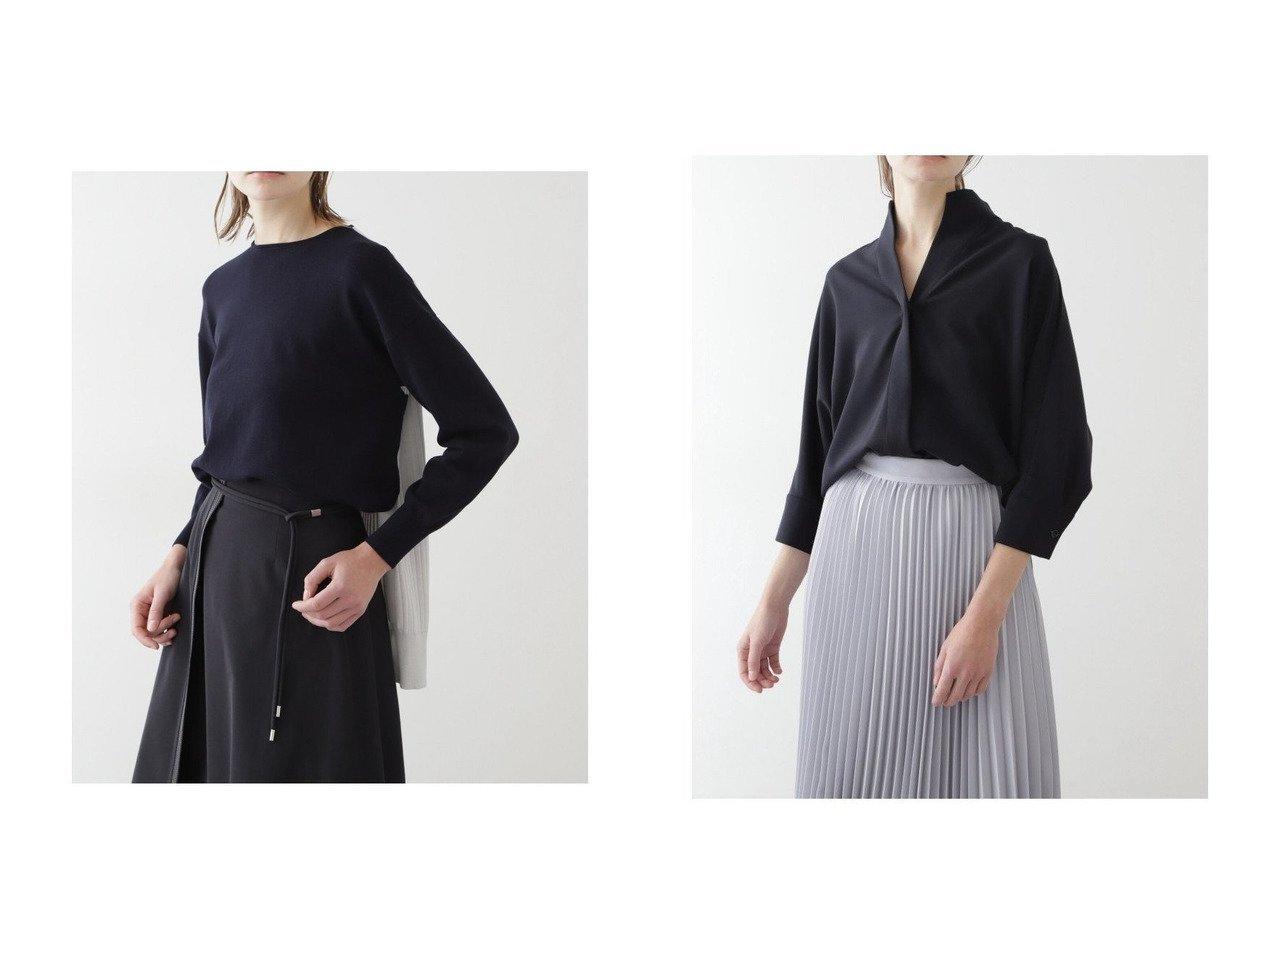 【BOSCH/ボッシュ】のコットンモダールバイカラーニット&VISPOLYNOトロピカルセットアップシャツ トップス・カットソーのおすすめ!人気、トレンド・レディースファッションの通販  おすすめで人気の流行・トレンド、ファッションの通販商品 メンズファッション・キッズファッション・インテリア・家具・レディースファッション・服の通販 founy(ファニー) https://founy.com/ ファッション Fashion レディースファッション WOMEN トップス Tops Tshirt ニット Knit Tops シャツ/ブラウス Shirts Blouses NEW・新作・新着・新入荷 New Arrivals ストレッチ スリット スリム ツイスト ワイドリブ 再入荷 Restock/Back in Stock/Re Arrival |ID:crp329100000010521